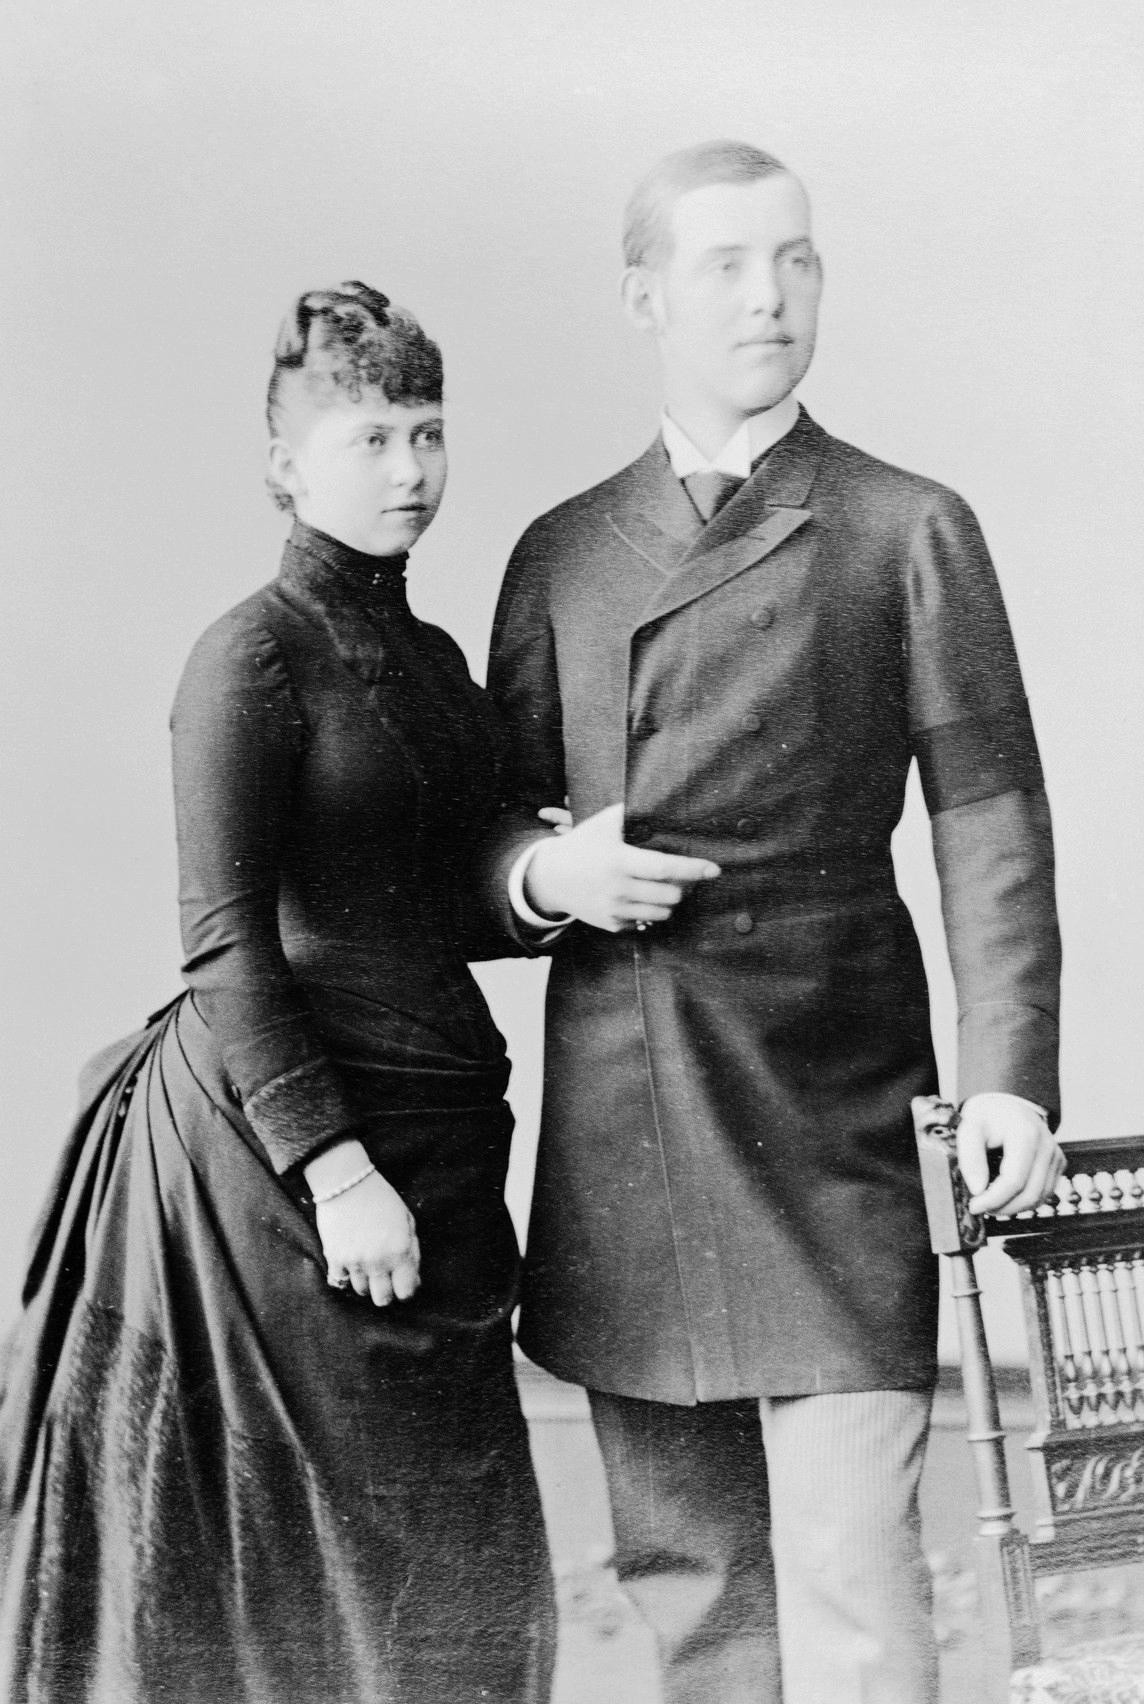 Photographie en noir et blanc d'une jeune femme portant une robe noire et d'un jeune homme en redingote.